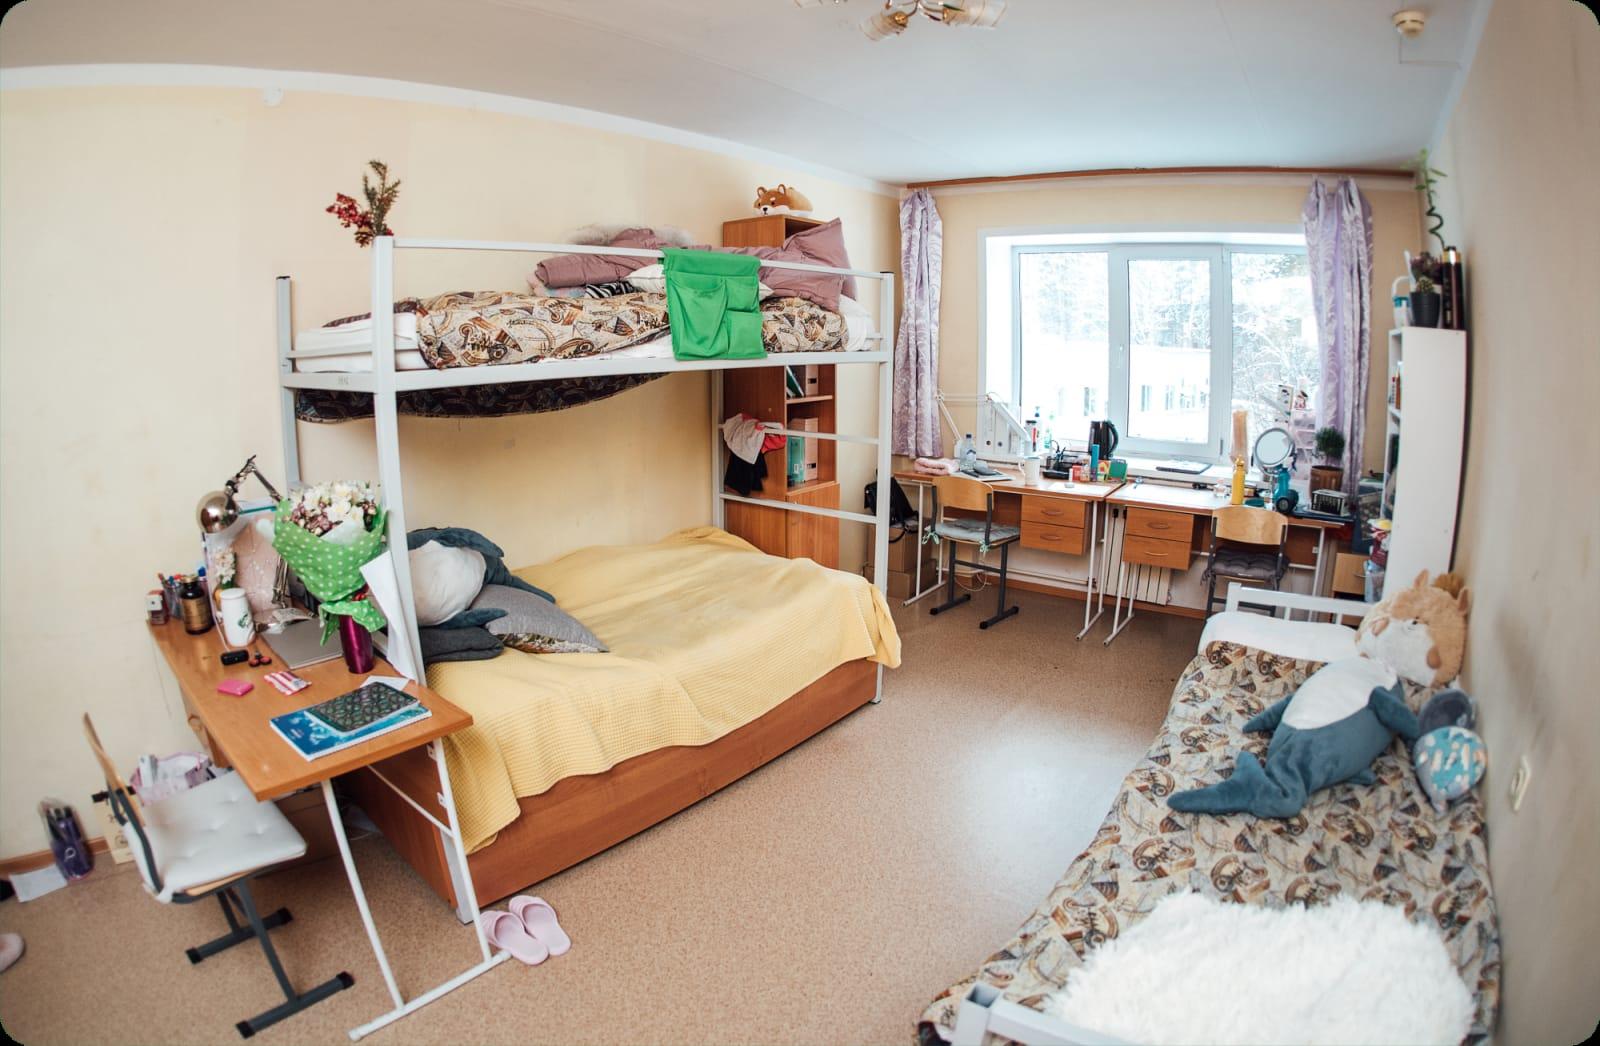 新西伯利亚国立大学学生寝室内部